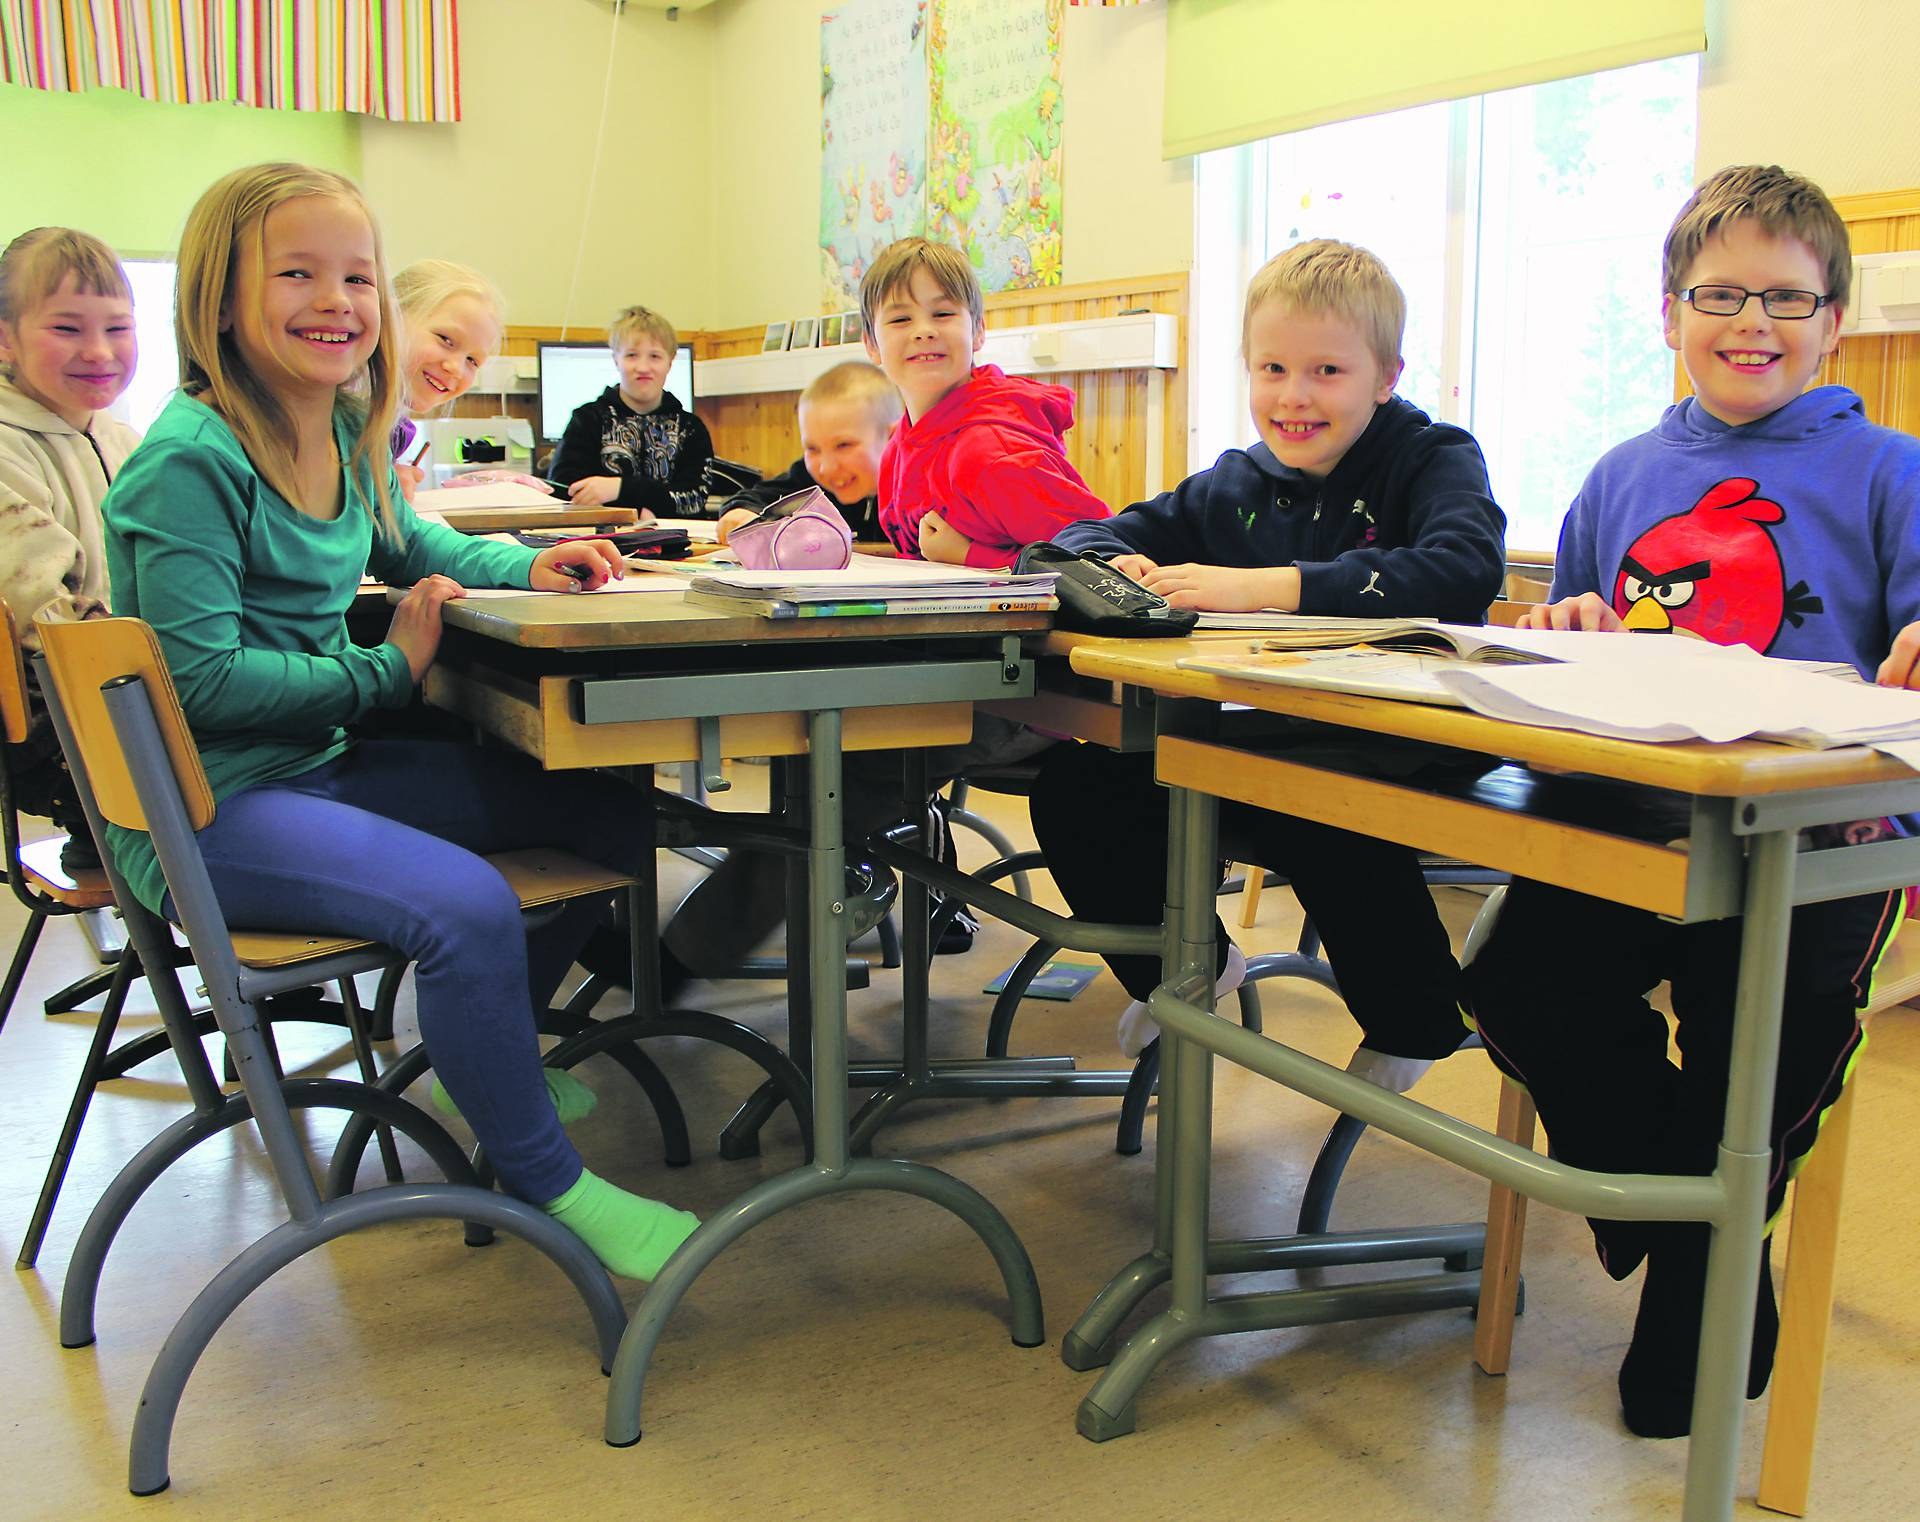 Stručnjakinja: 'Bez boljih škola i obrazovanja nema napretka'